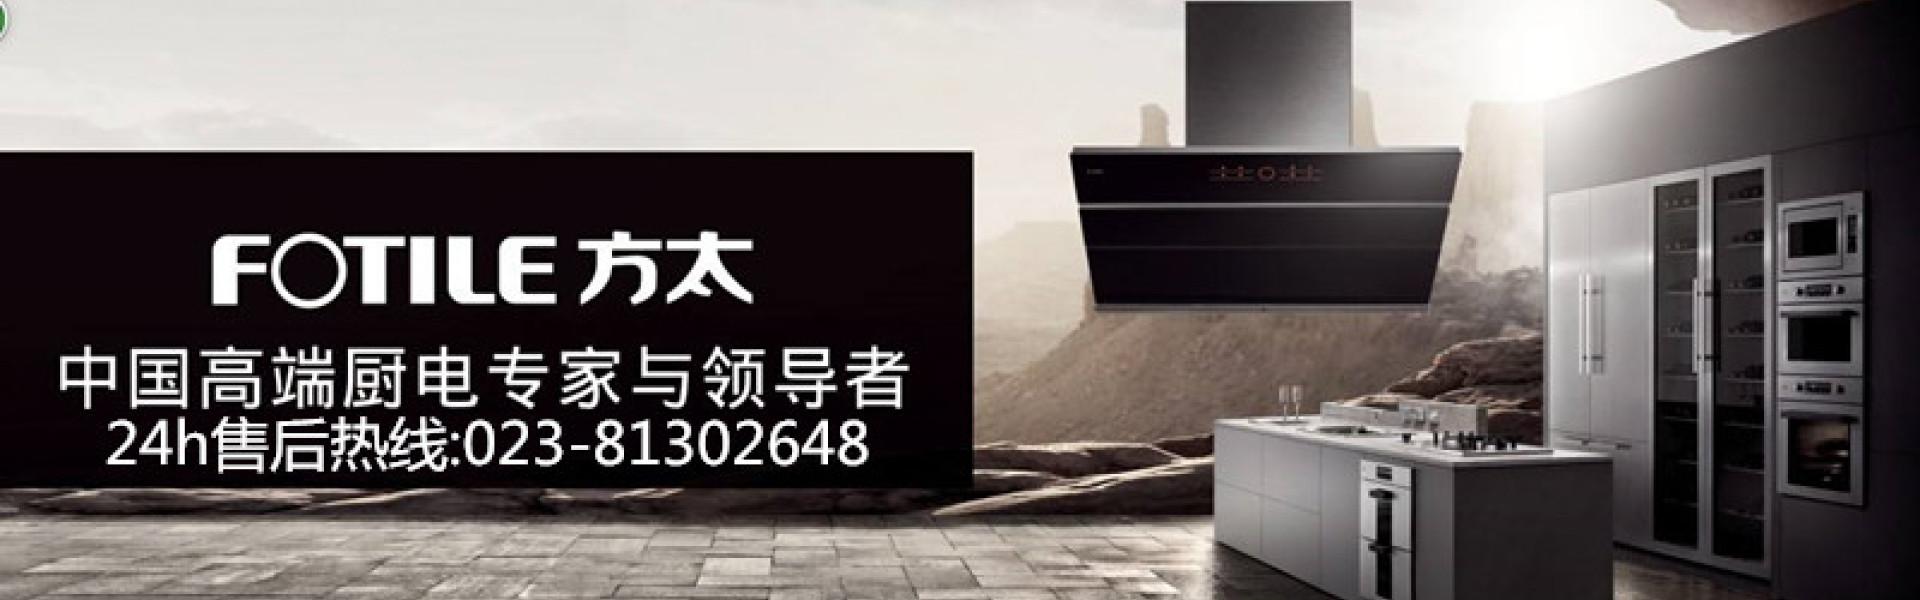 重庆方太热水器售后维修电话